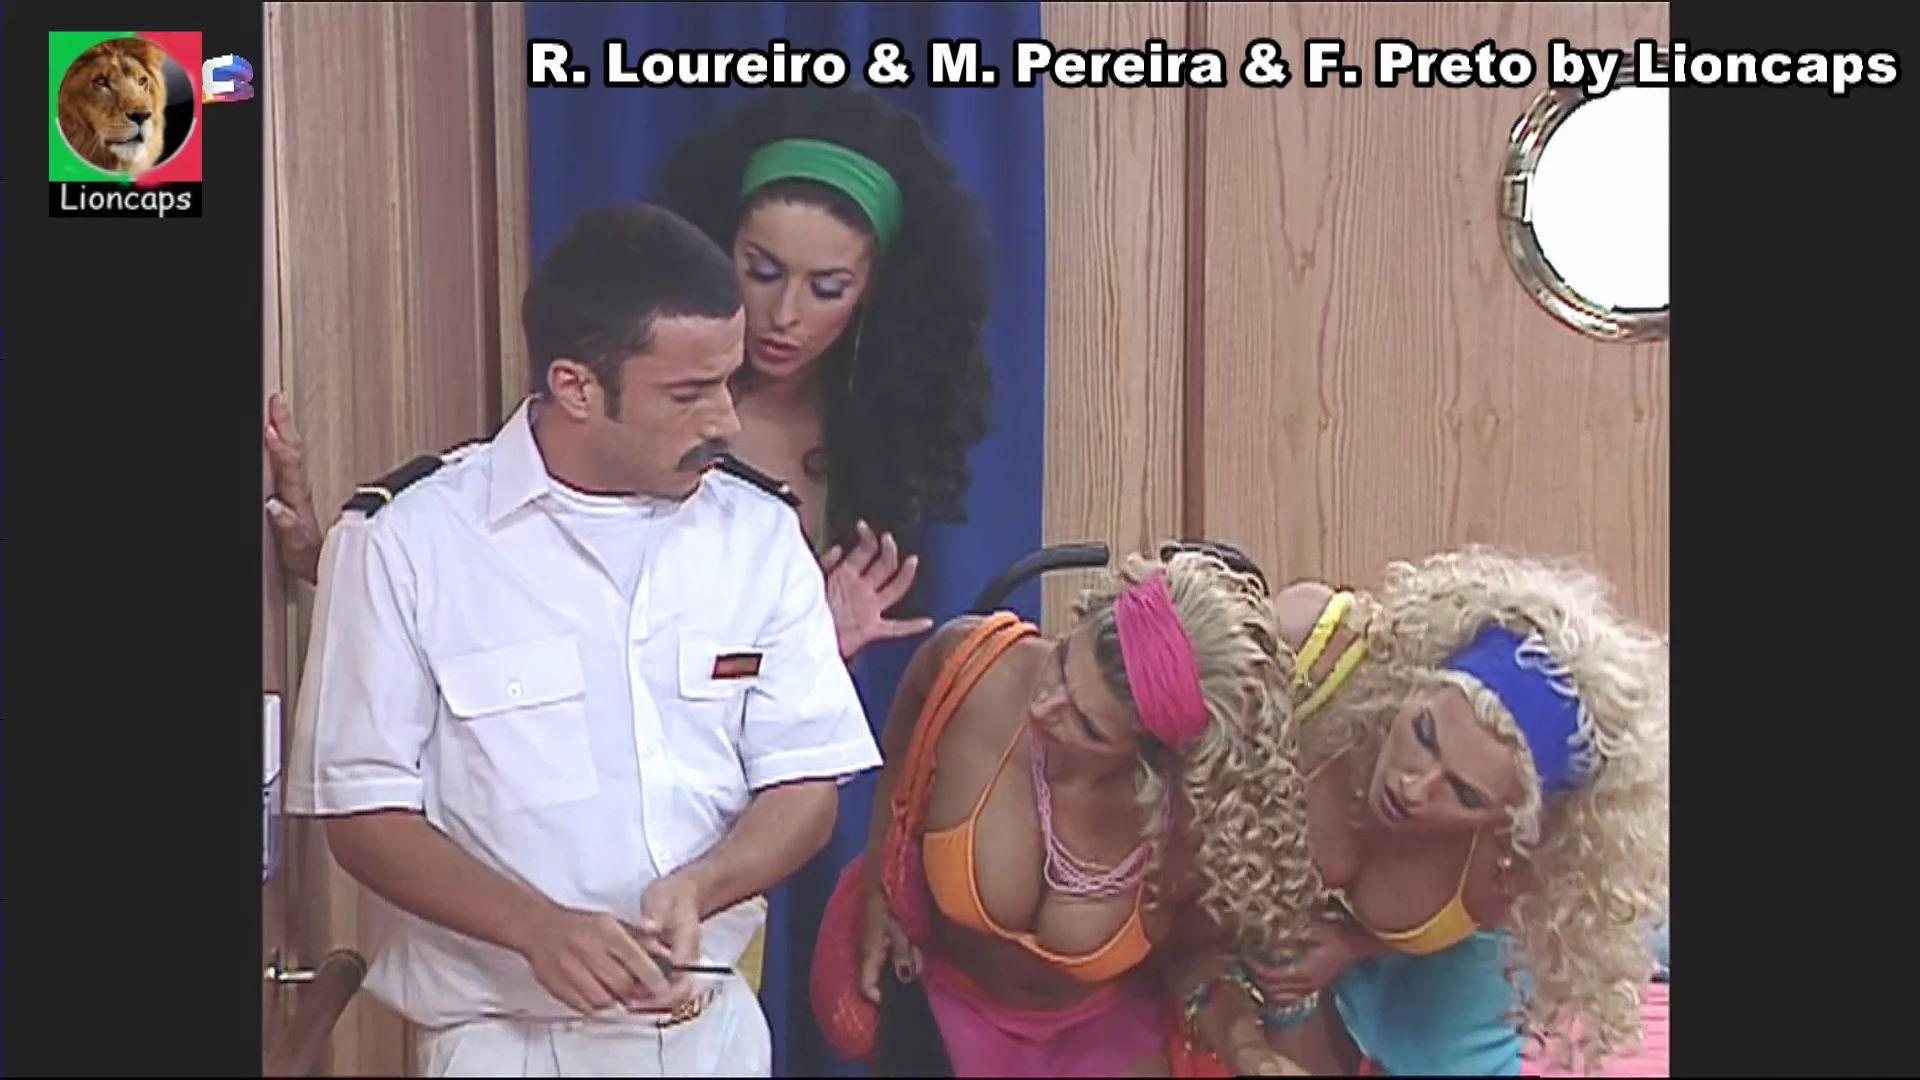 050804458_marta_pereira_vs190614_00954_122_231lo.JPG